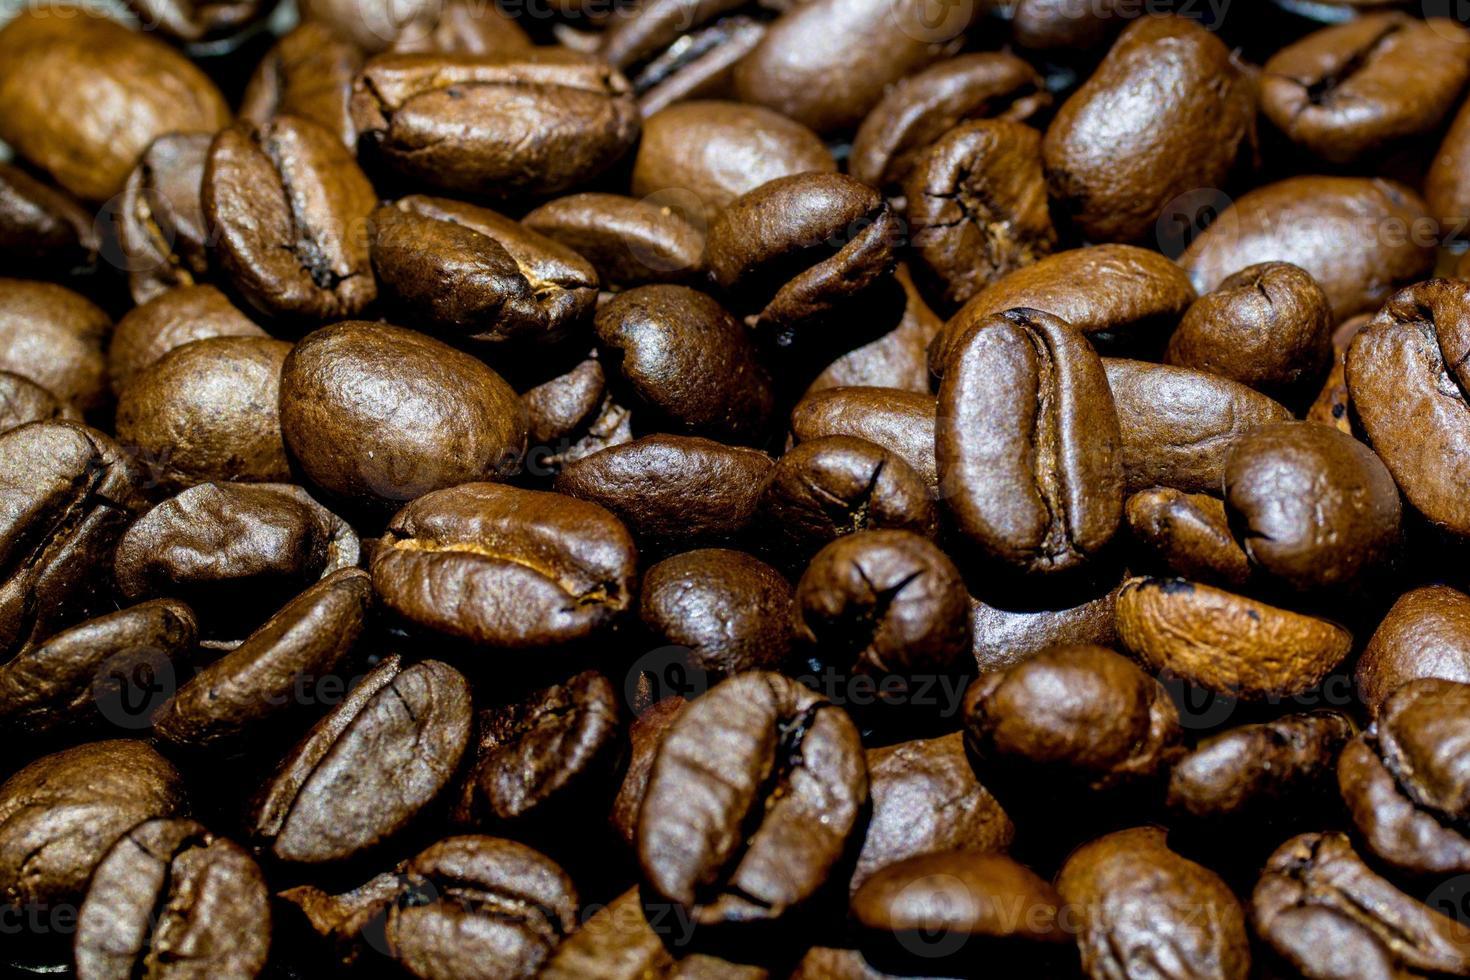 närbild av en bunt med mörka rostade kaffebönor foto